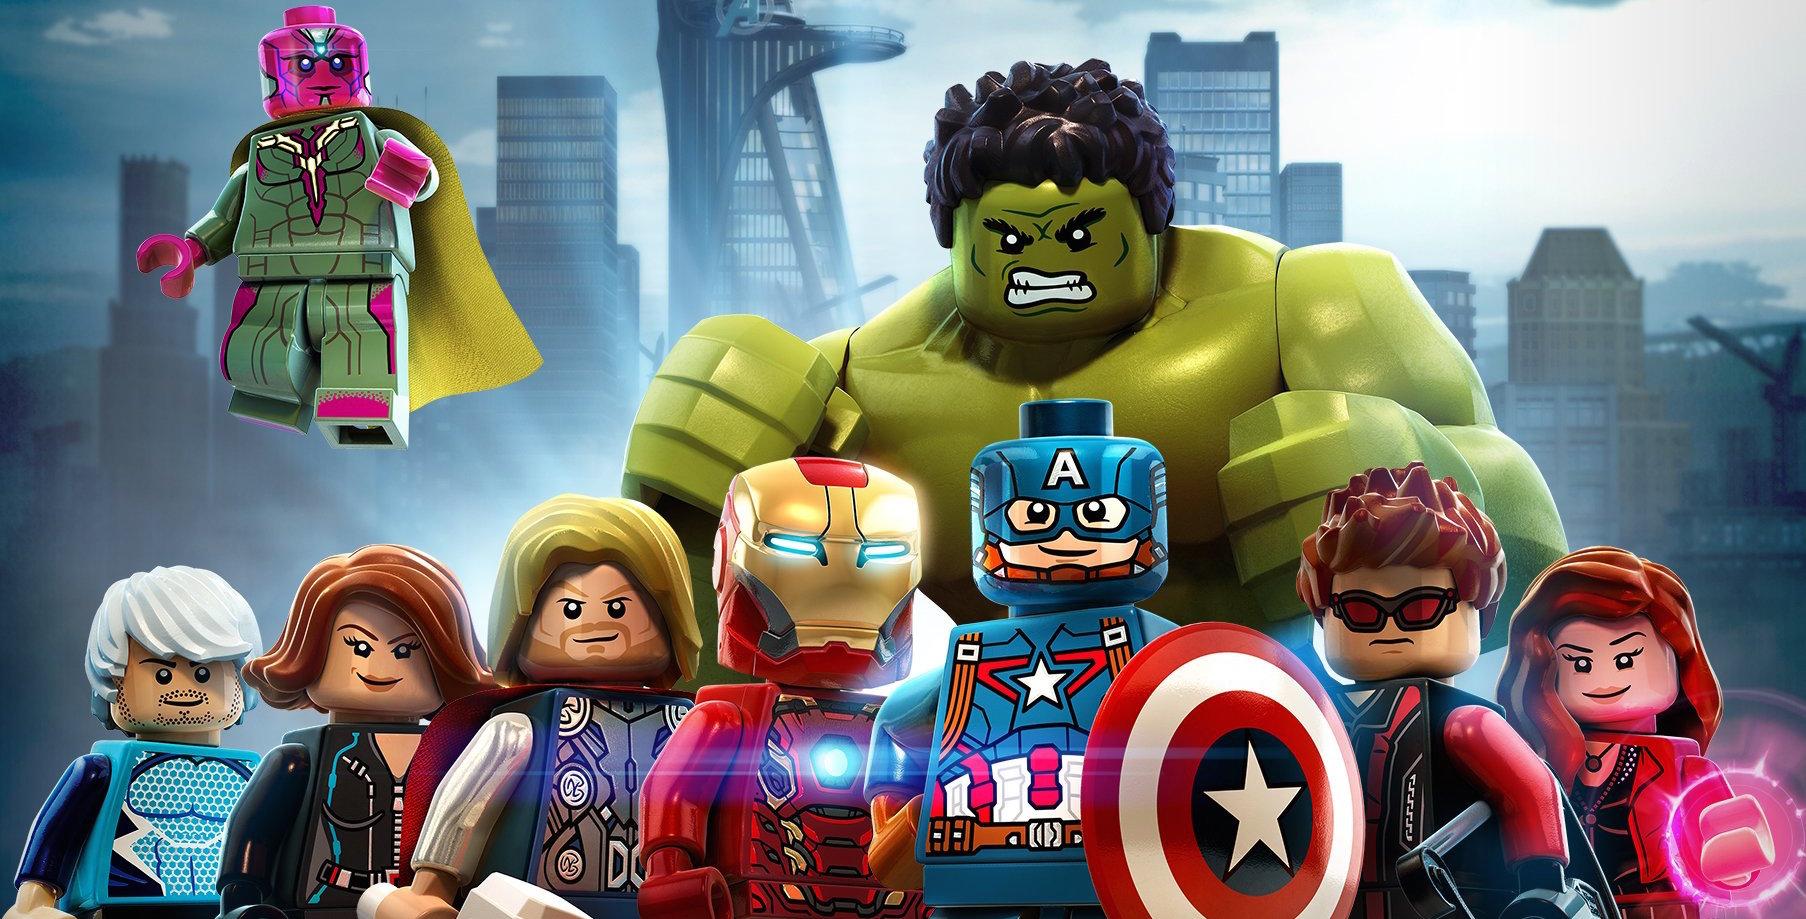 LEGO MARVEL'S AVENGERS Go To Civil War In New Trailer